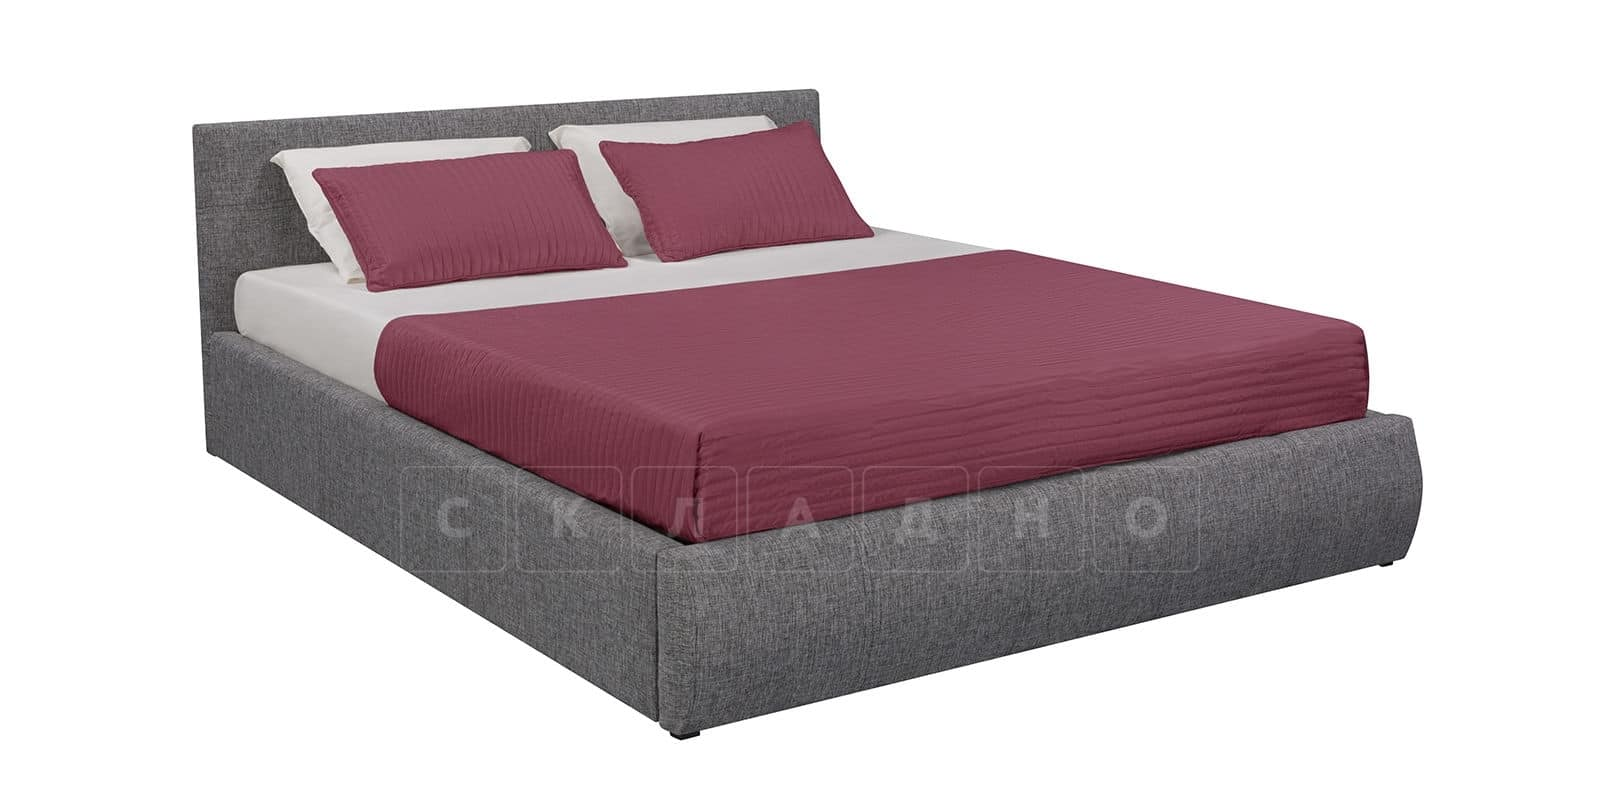 Мягкая кровать Афина 160см рогожка серого цвета фото 2 | интернет-магазин Складно